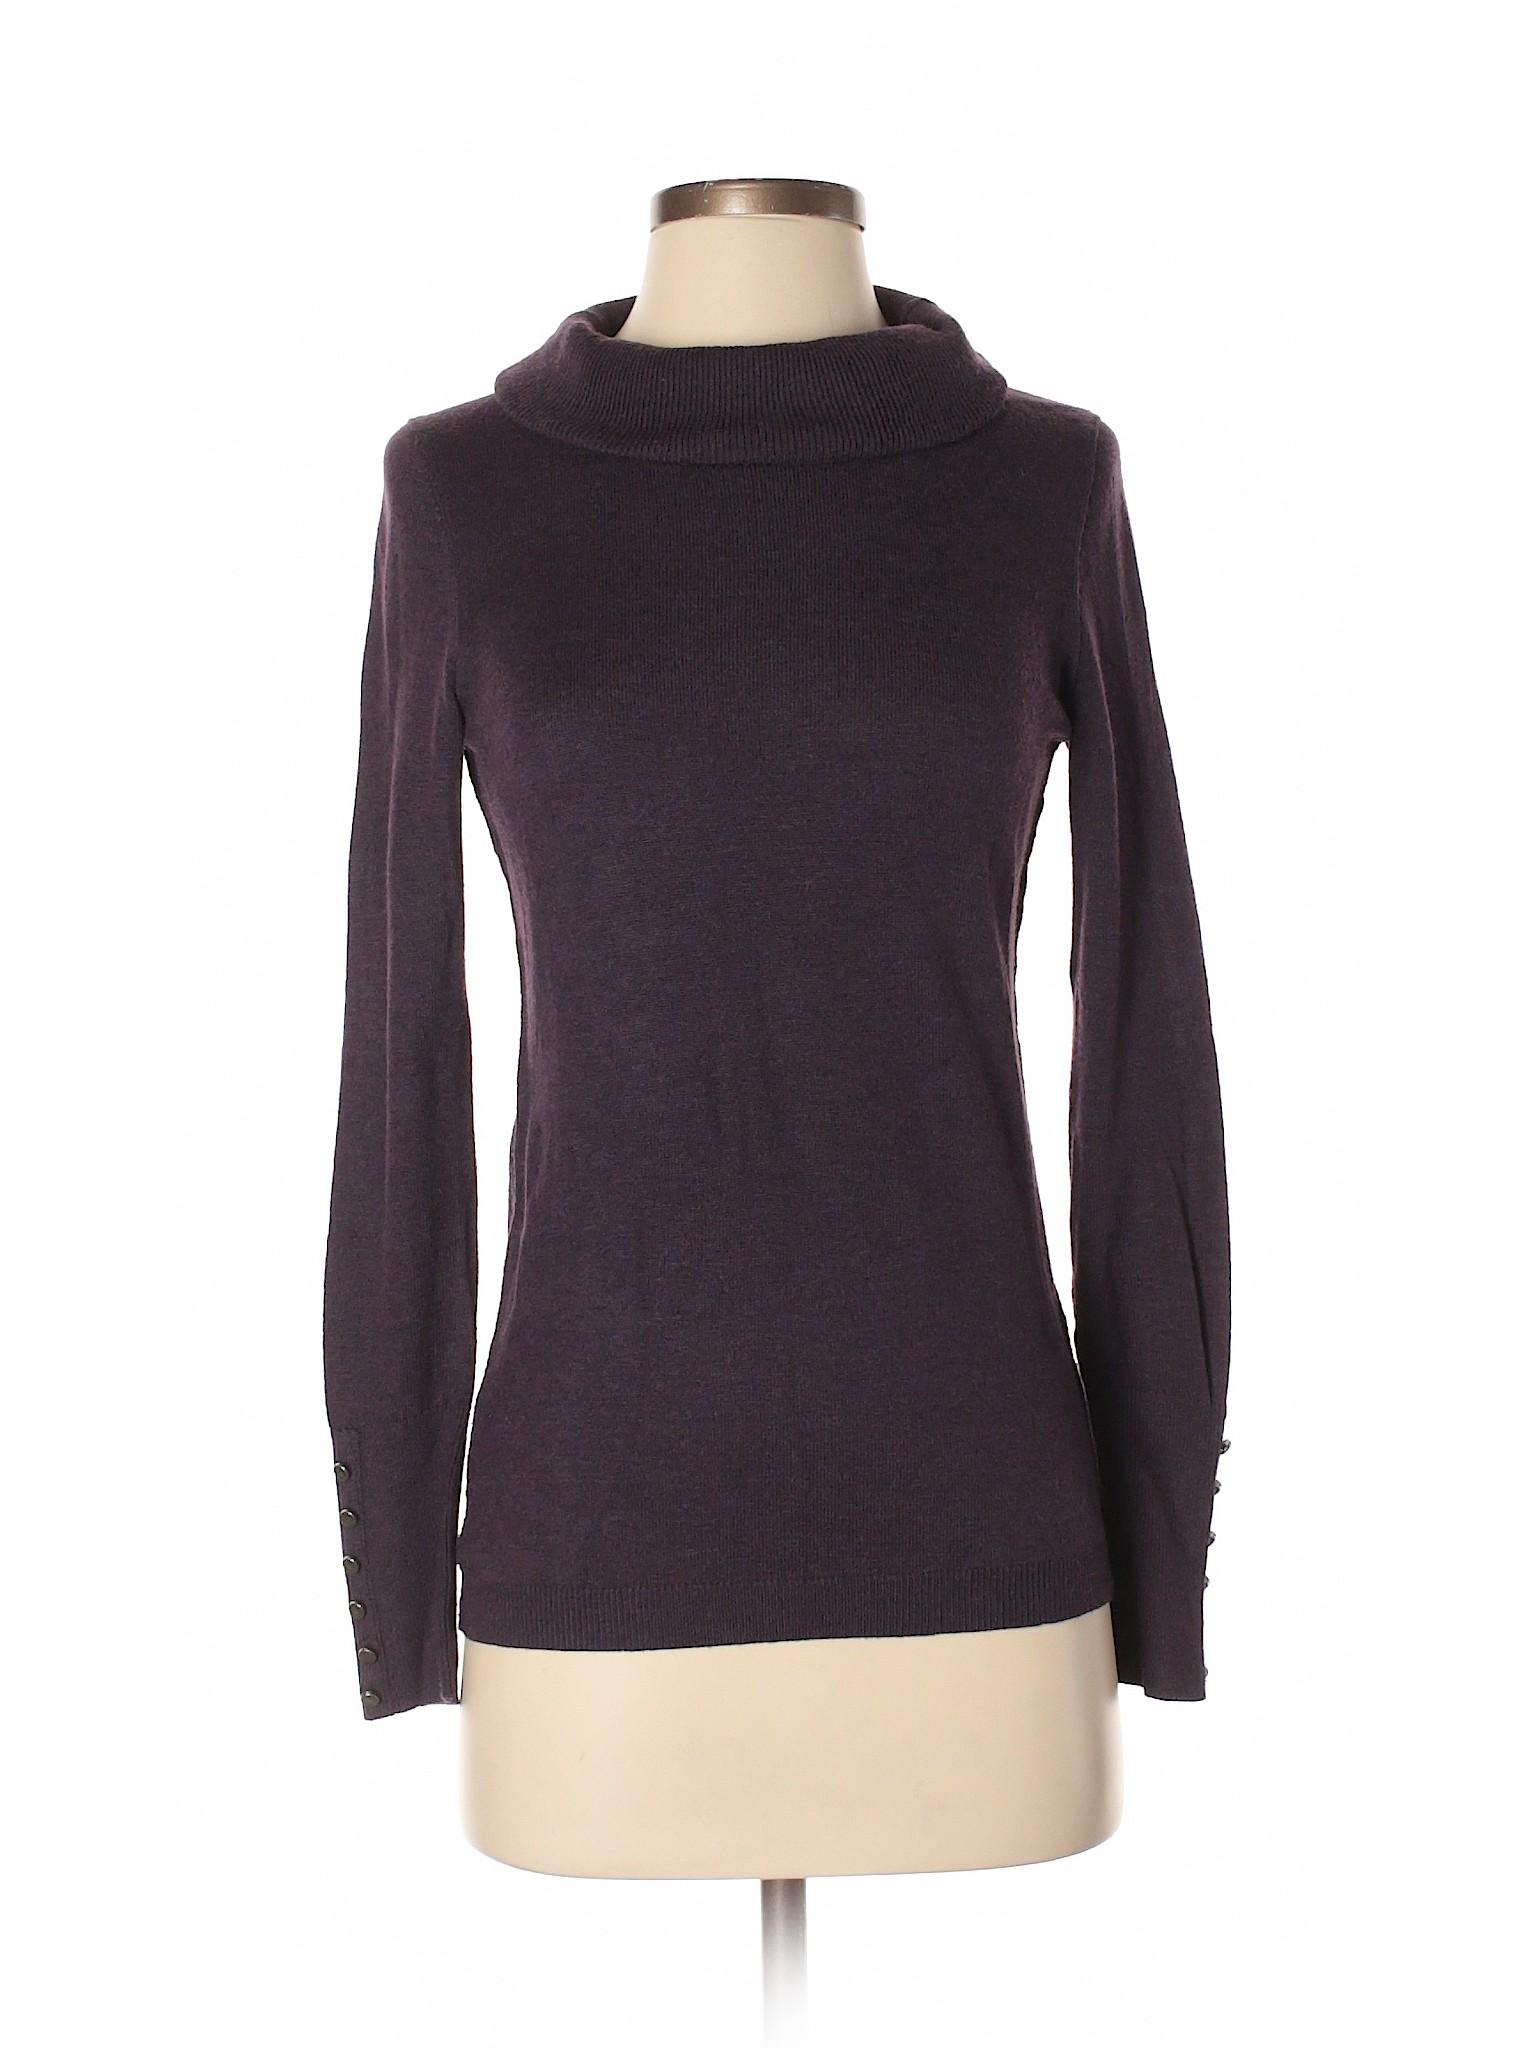 Ann Taylor Sweater Turtleneck LOFT Boutique THwqgOw